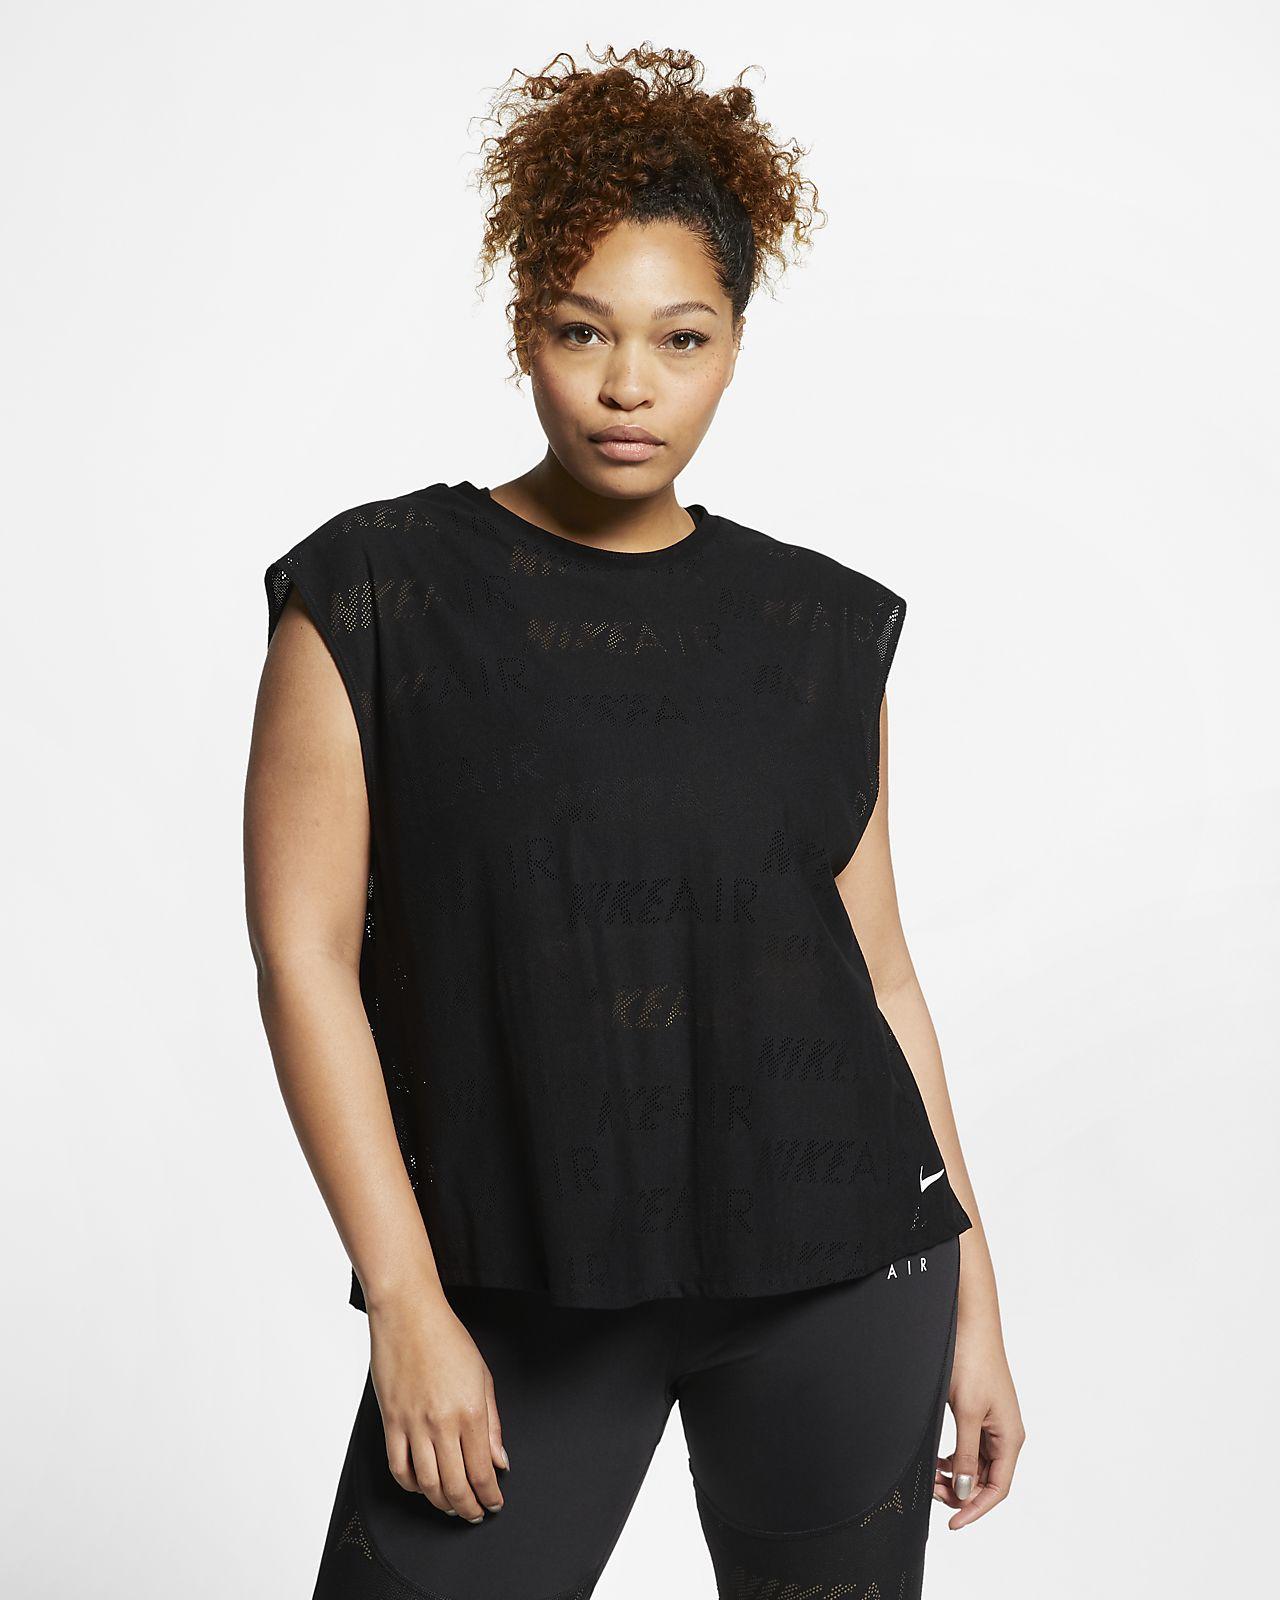 Женская беговая футболка с коротким рукавом Nike Air (большие размеры)